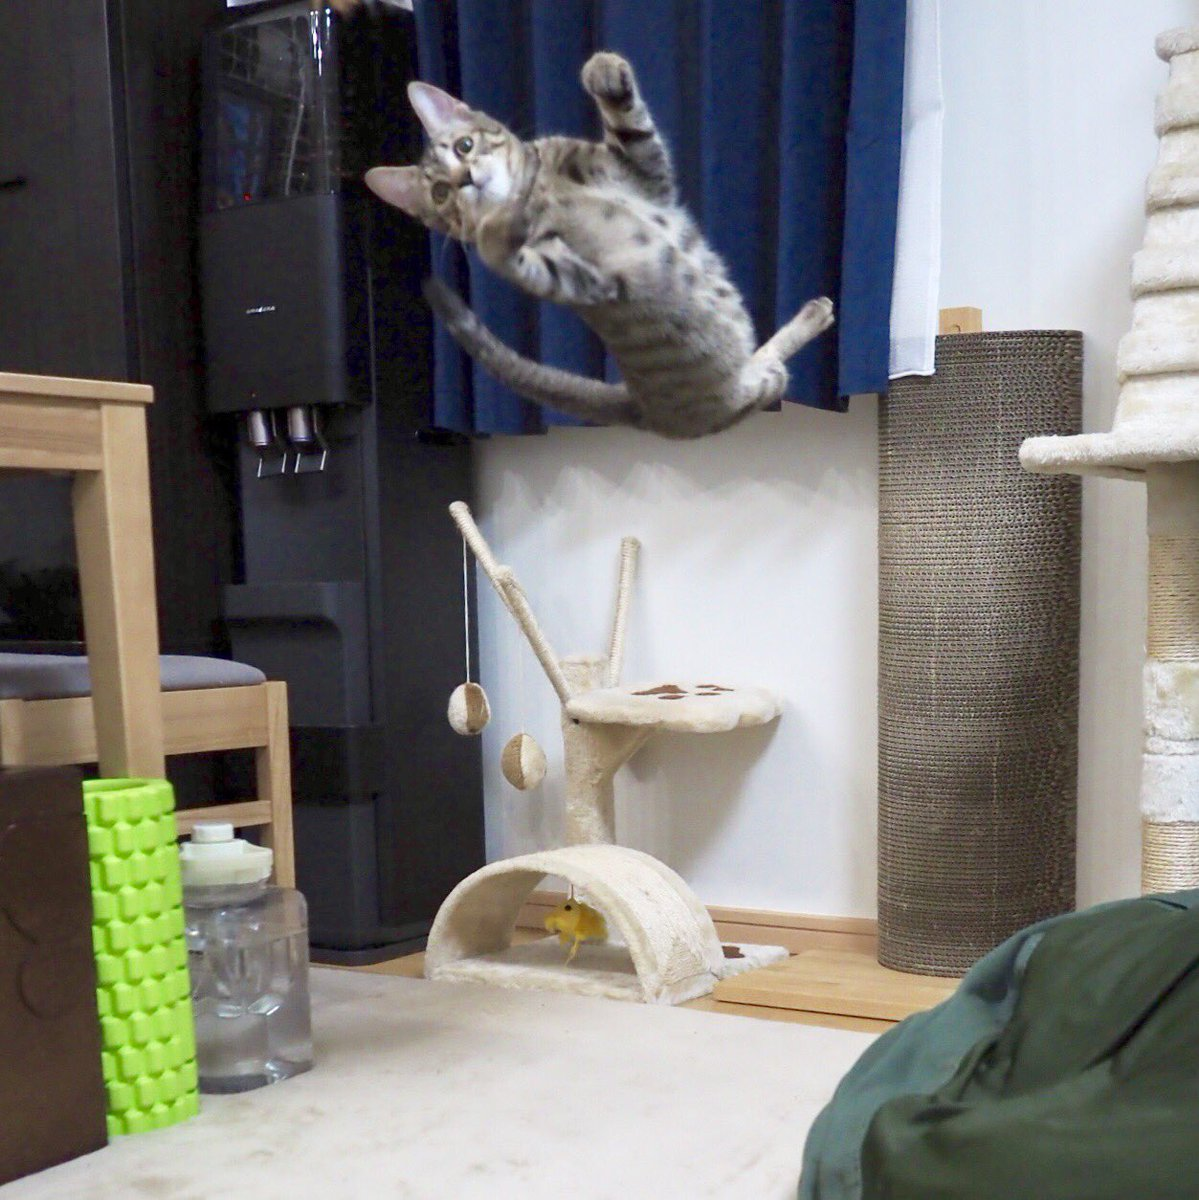 おい、嘘だろ…#保護猫 #里親さん募集中 #素敵な里親さんカモン #あげぱん